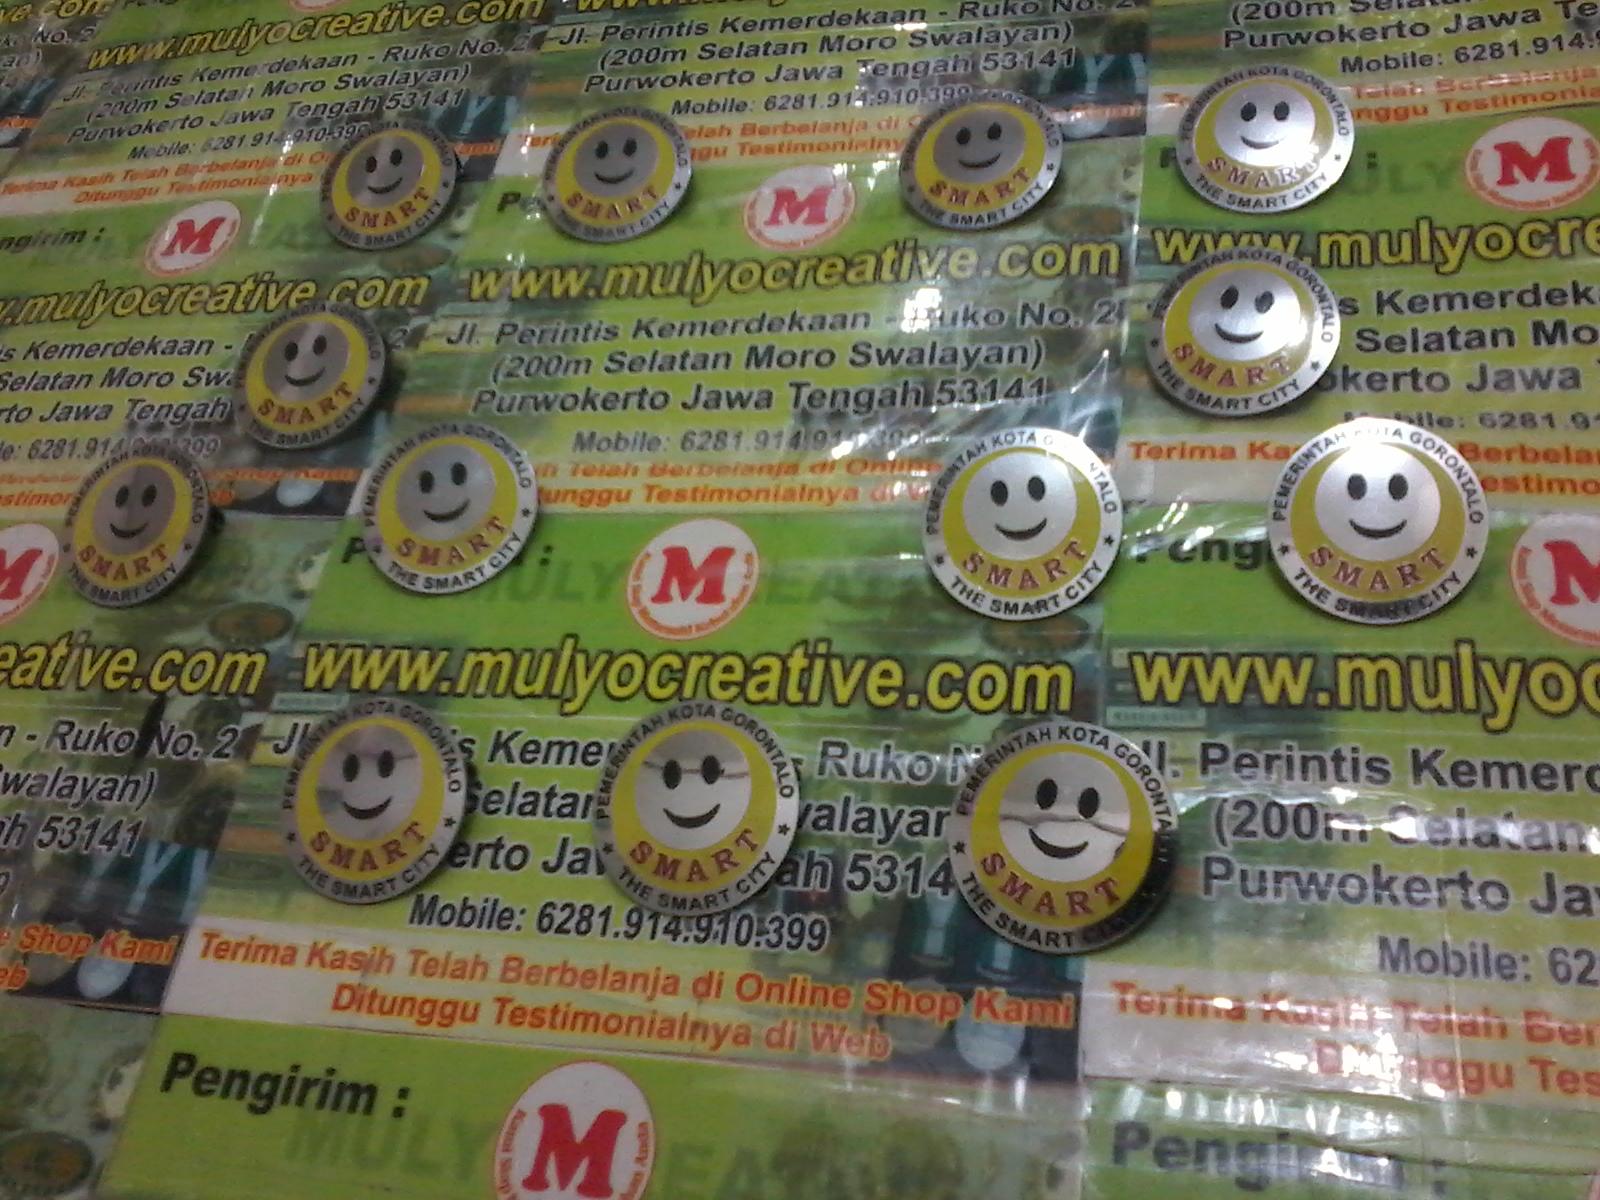 Lencana Pin Logam Smart Gorontalo mulyocreative